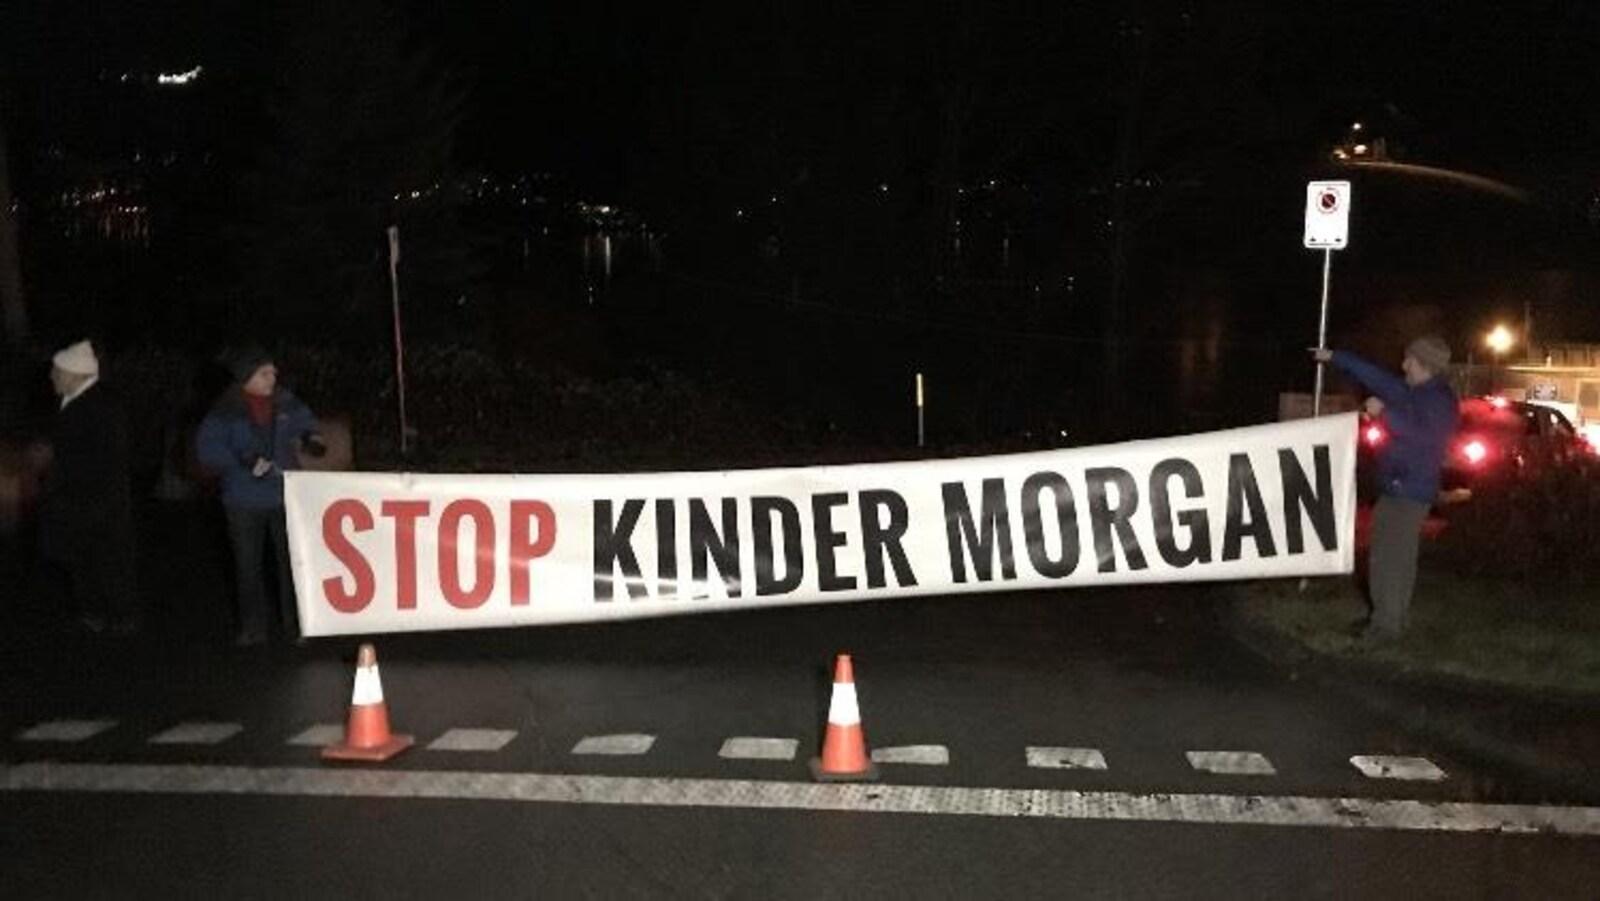 Deux hommes tiennent une banderole où il est écrit, Stop Kinder Morgan.